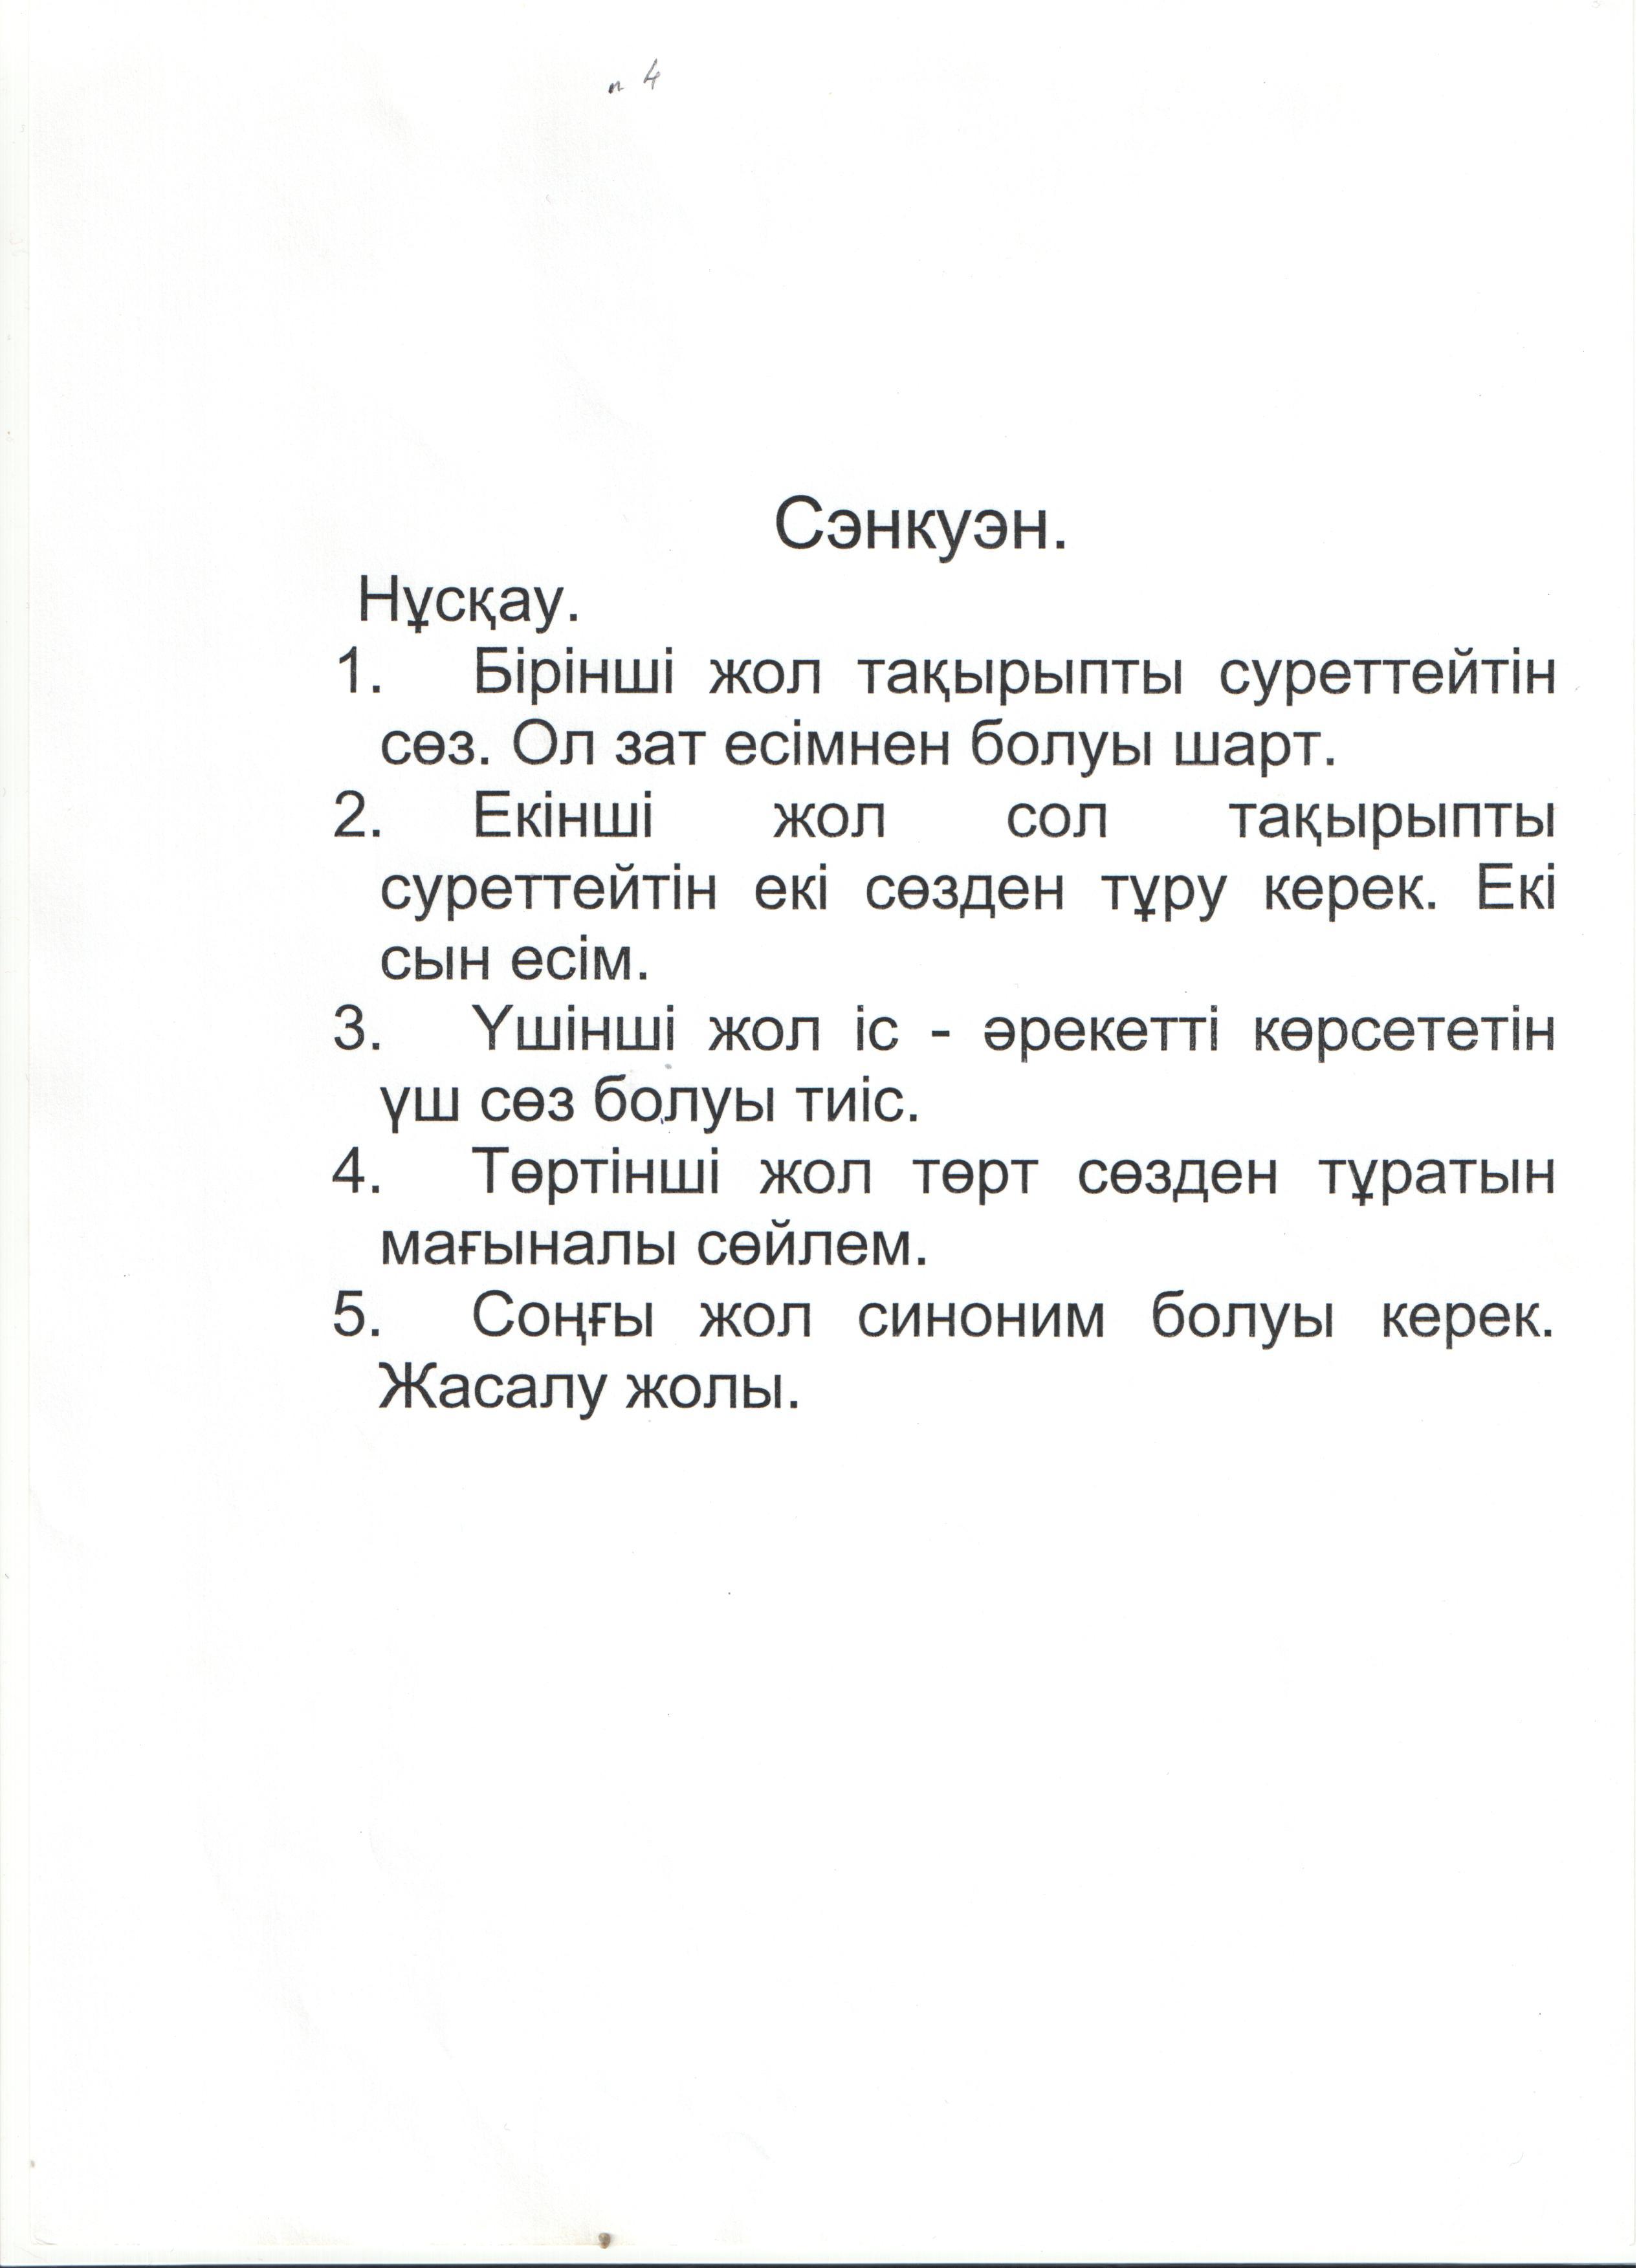 G:\данные\отк уроки\Открытый урок КушкумбаевойГ.Х\рассказ.jpeg